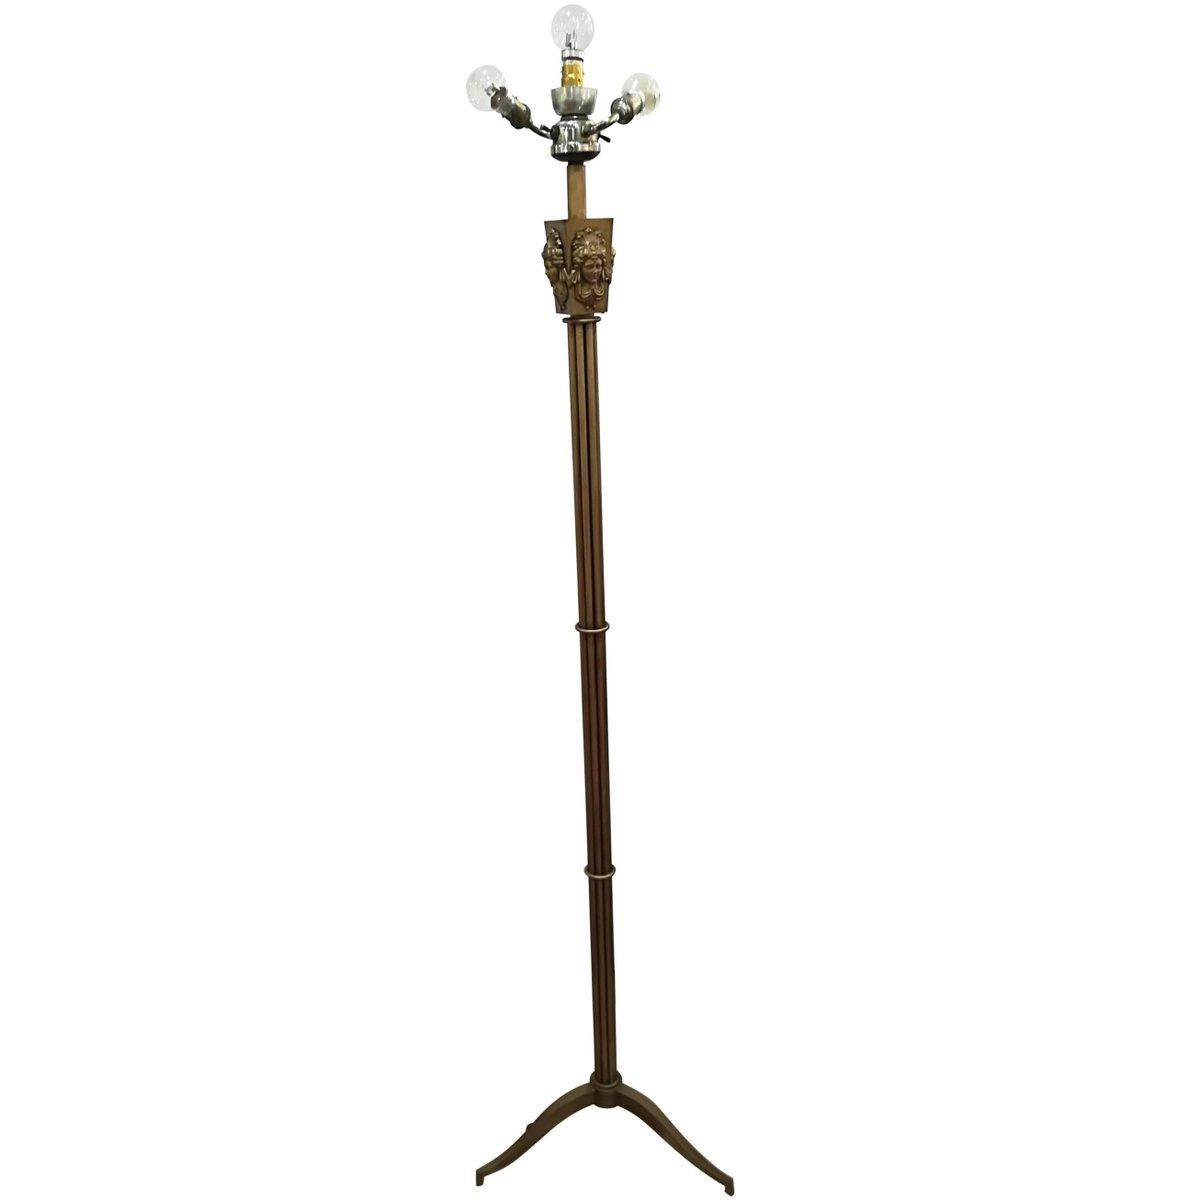 Französische Vintage Stehlampe aus Metall, 1940er